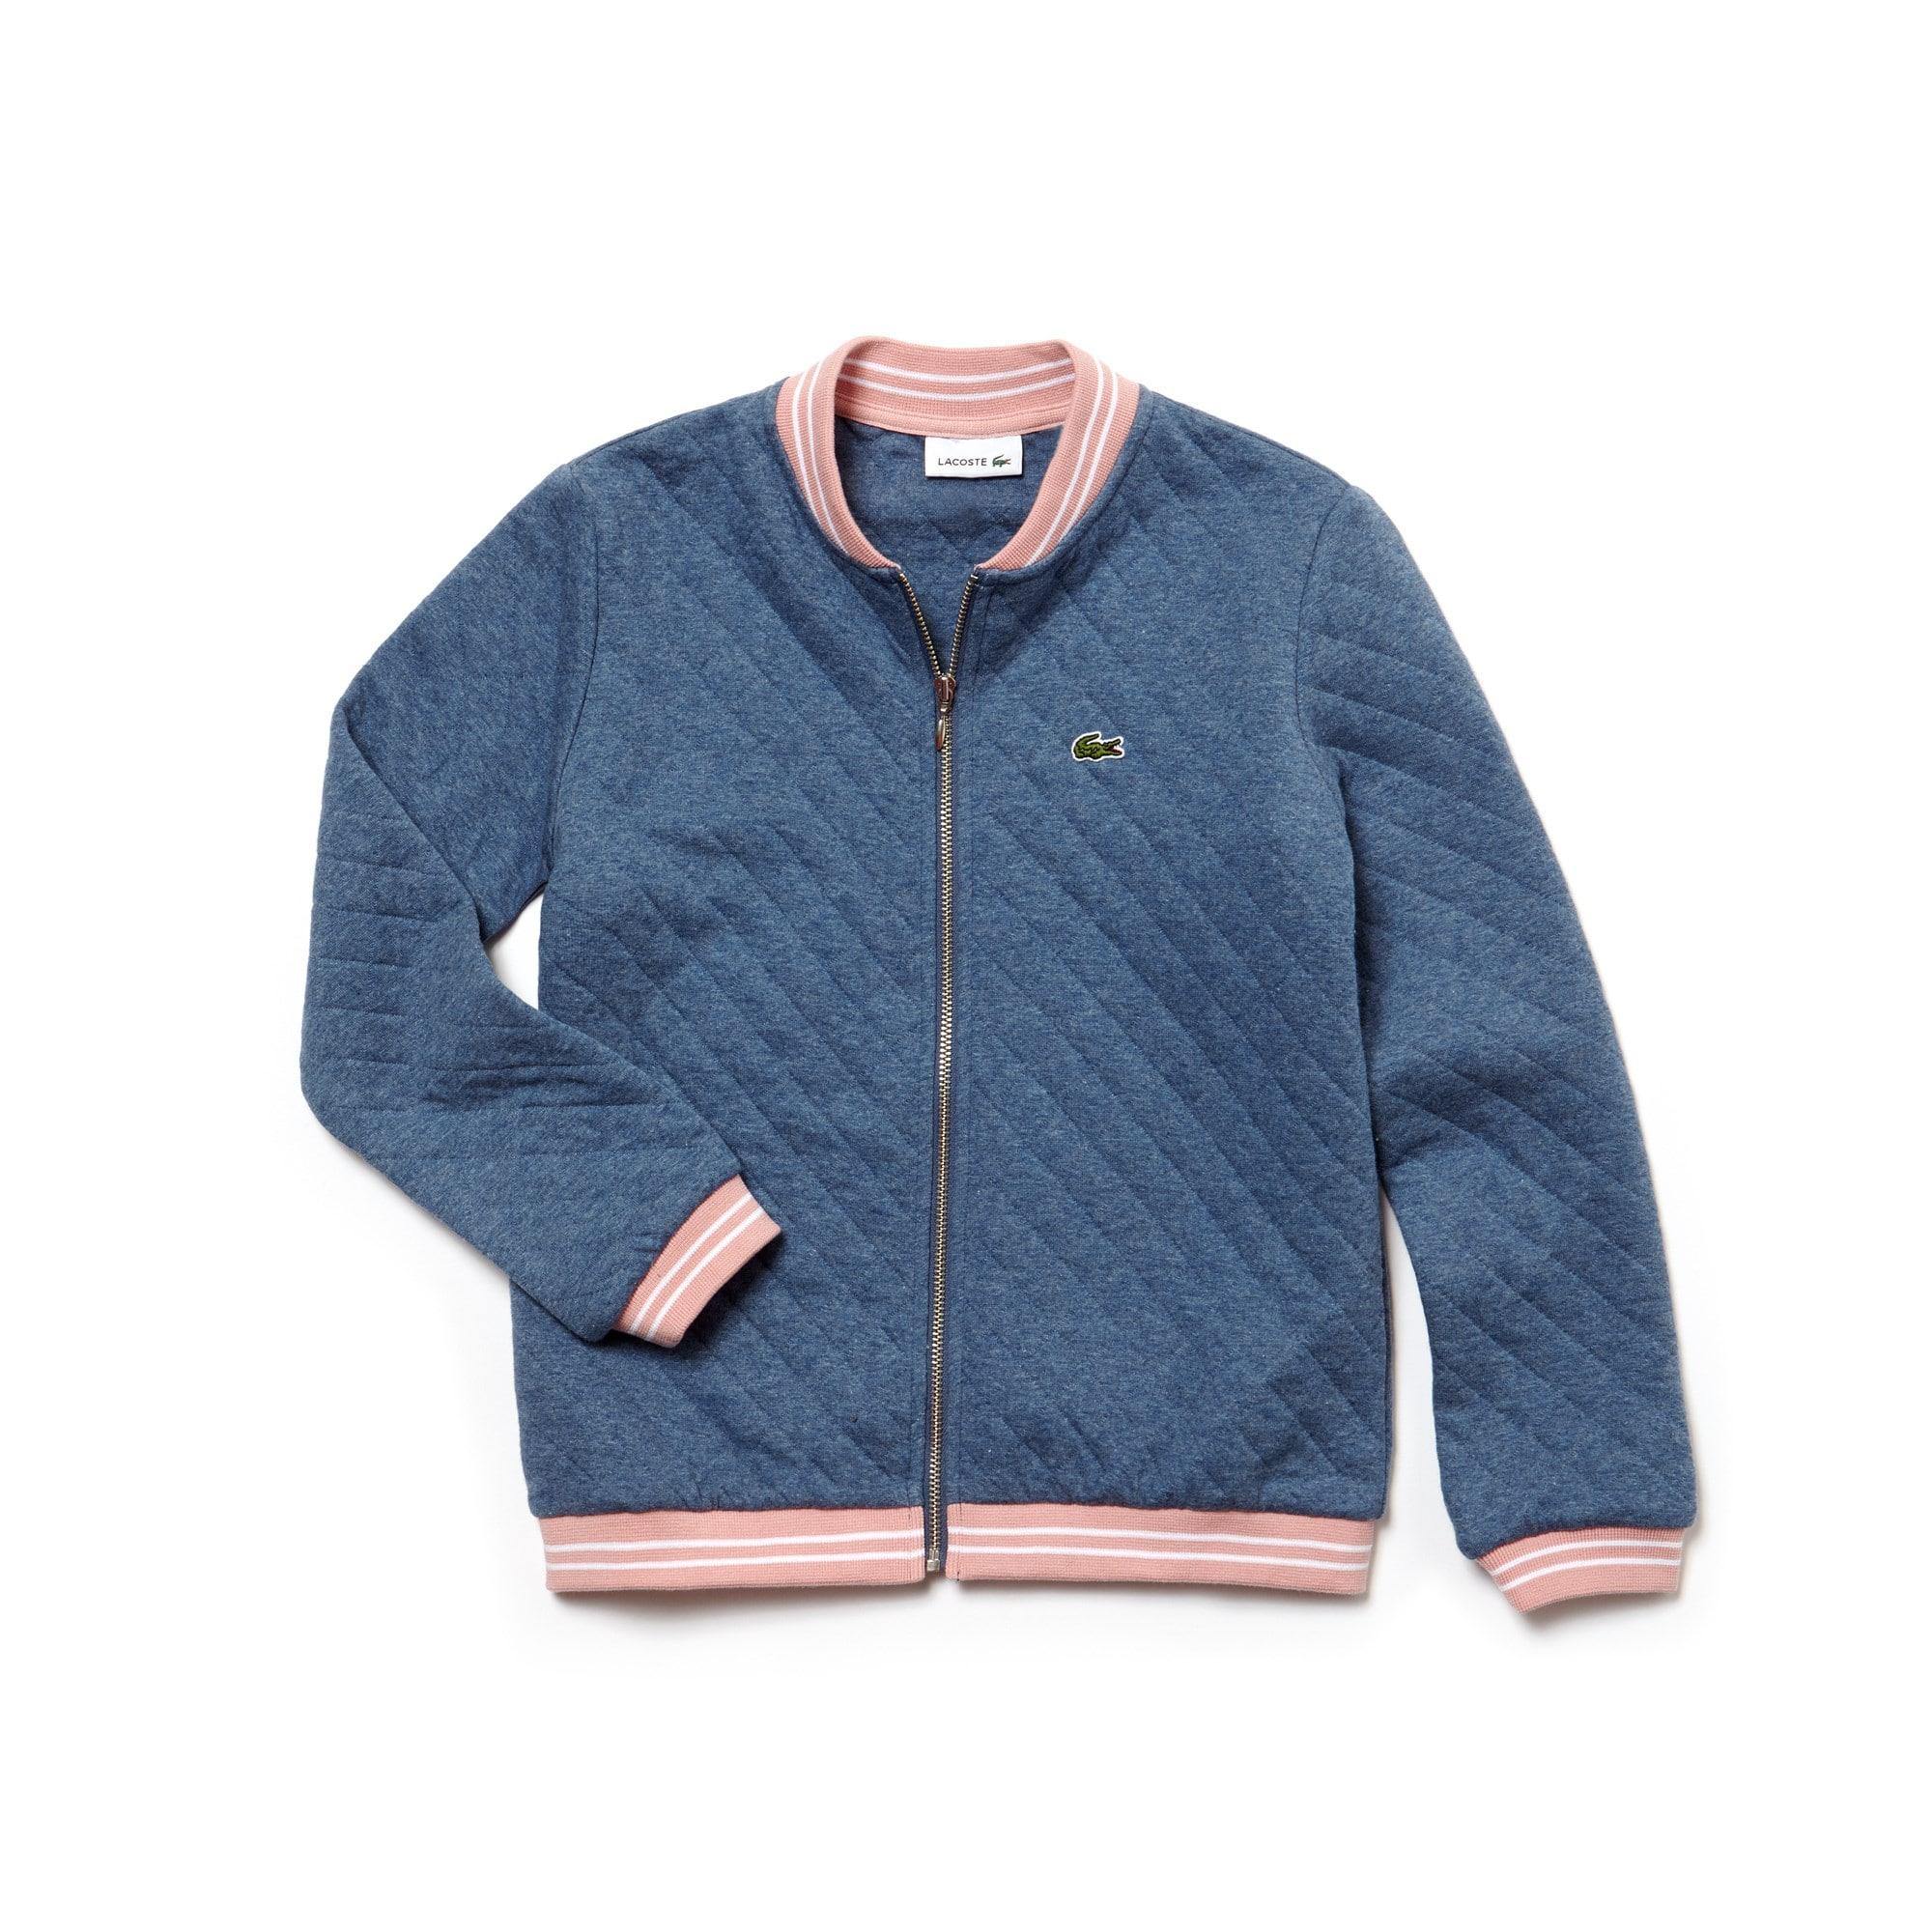 Sweatshirt Teddy Menina em algodão acolchoado com acabamentos às riscas